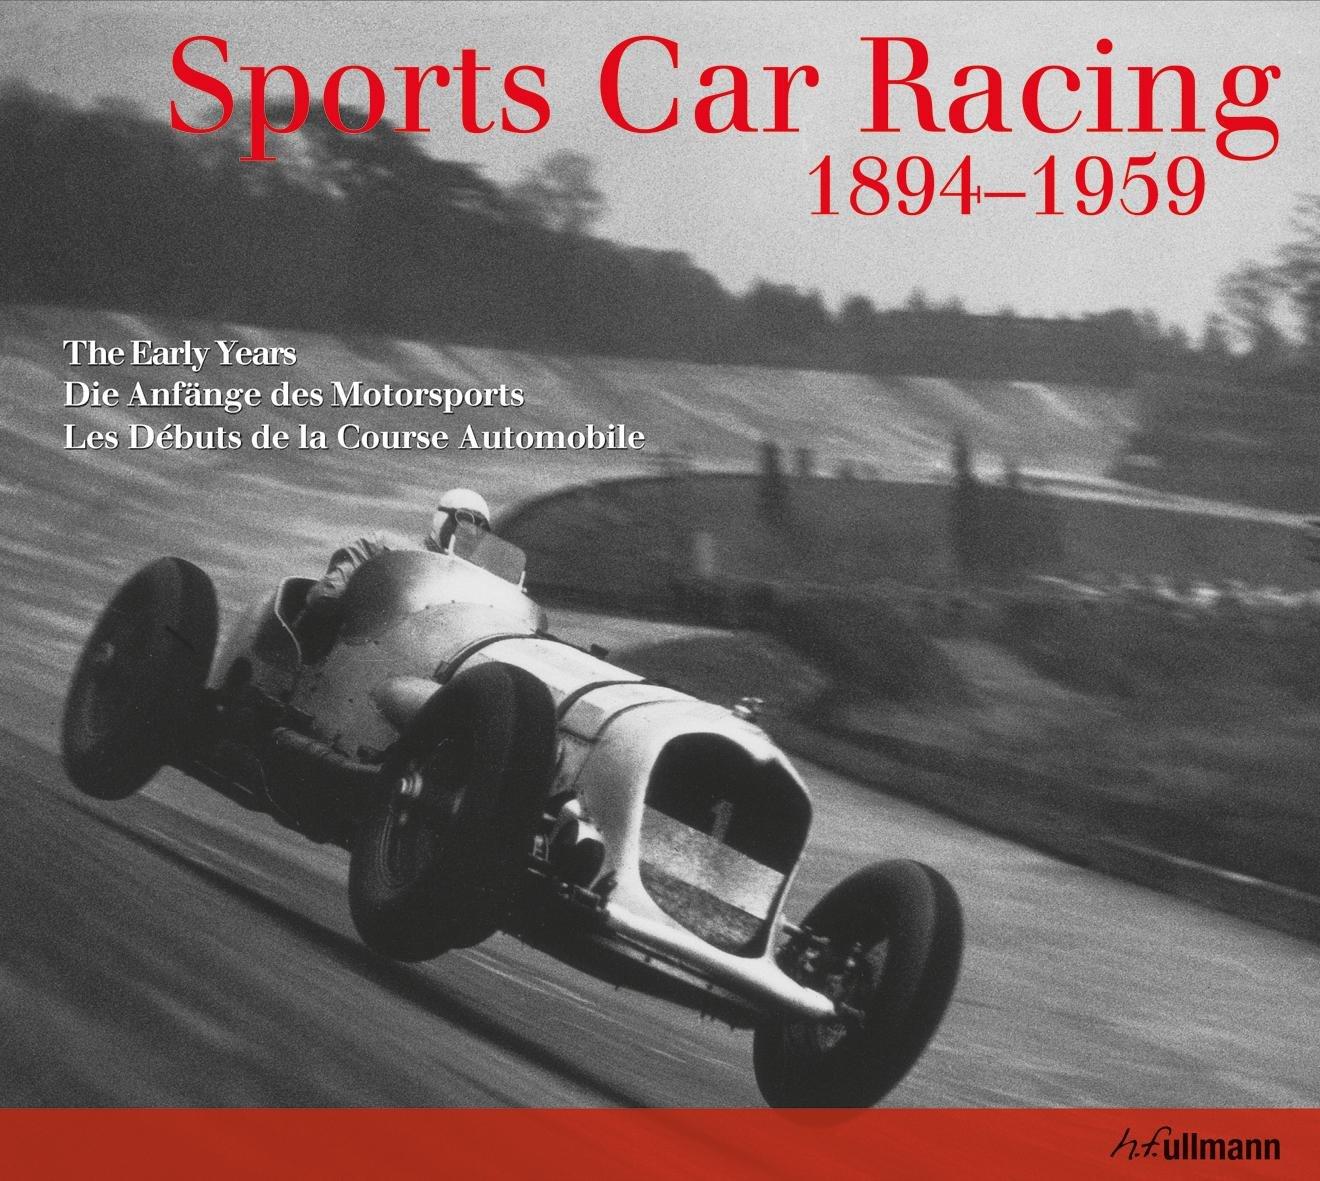 Sports Car Racing 1894-1959